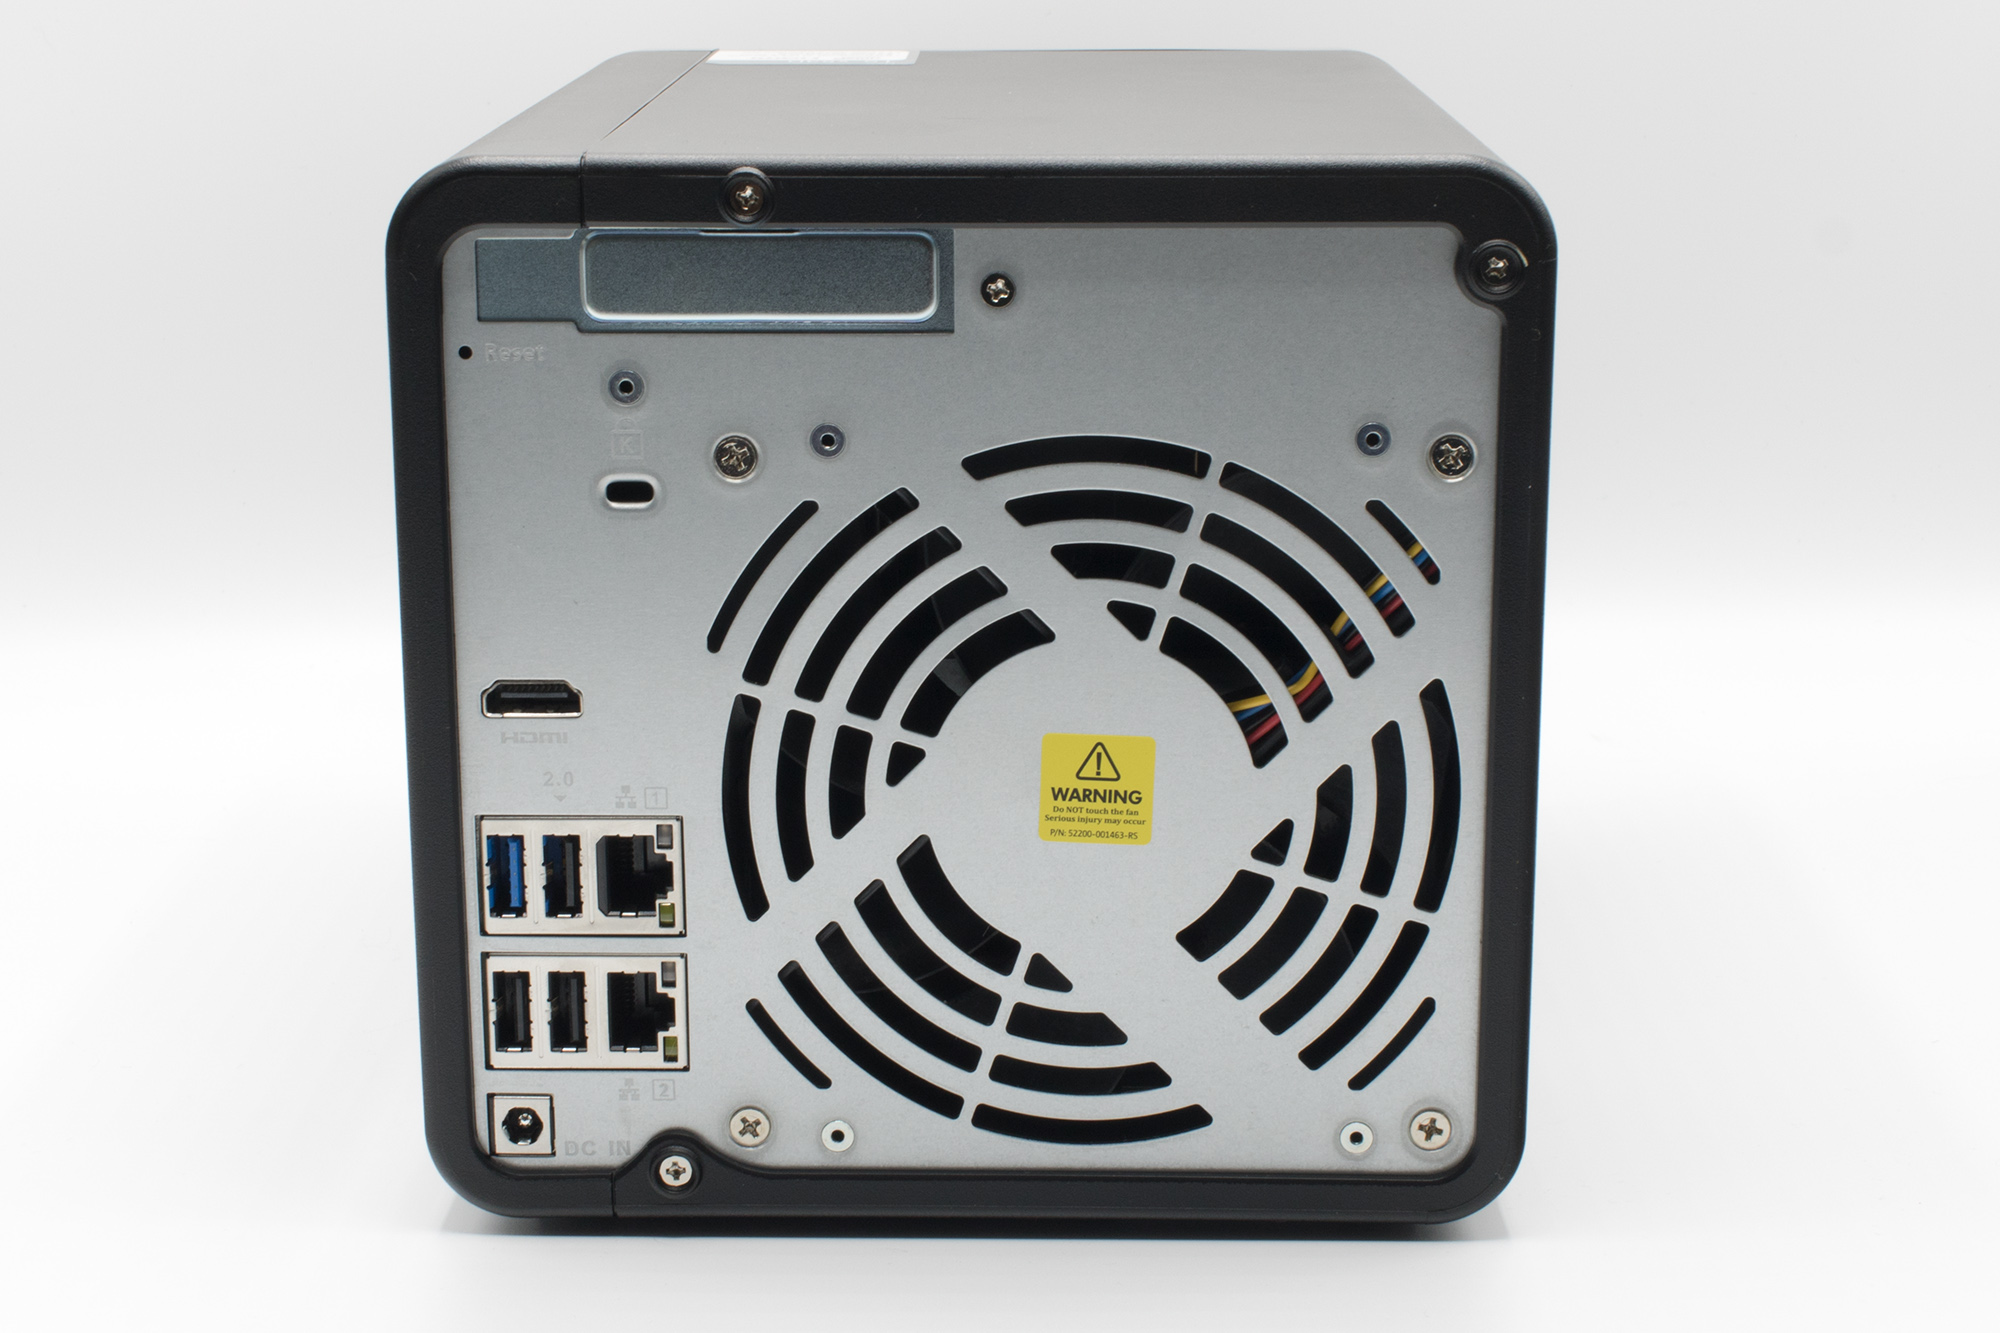 QNAP TS-453D